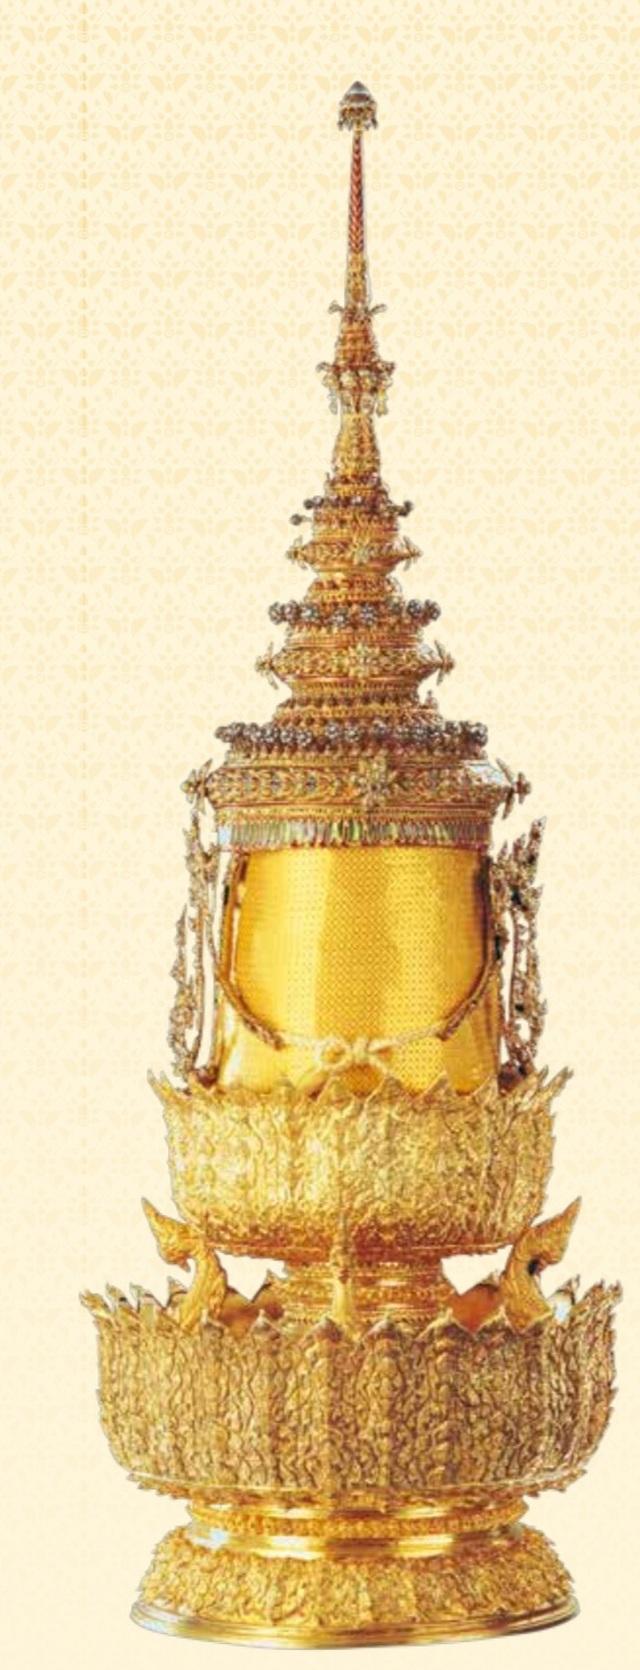 5 báu vật hoàng gia được trao trong lễ đăng cơ của Quốc vương Thái Lan - 2